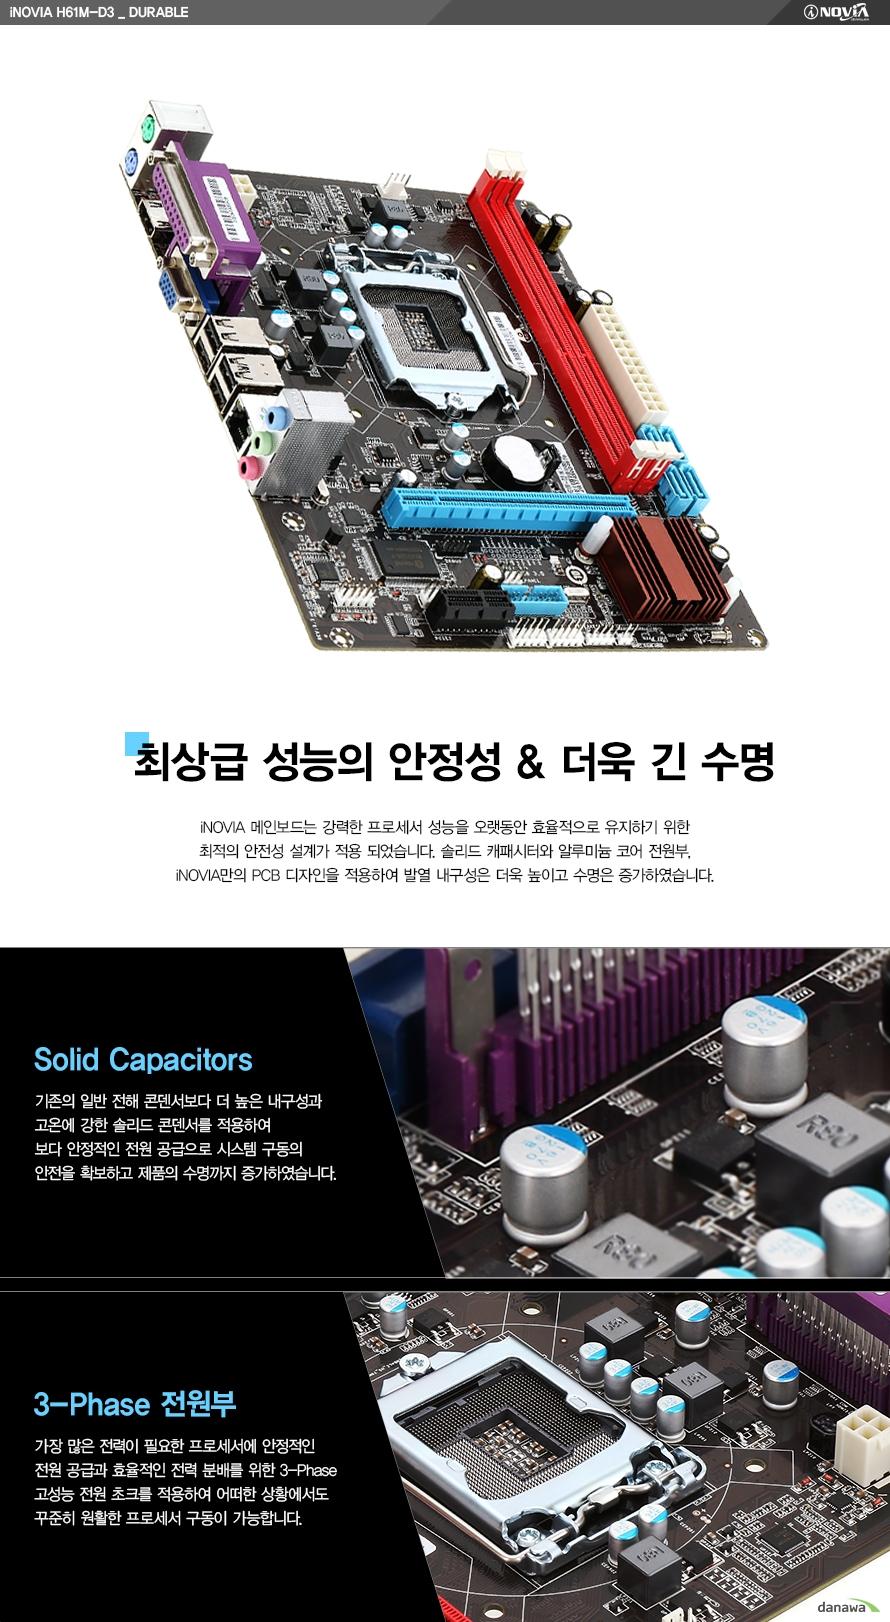 아이노비아 H61M-D3_듀러블최상급 성능의 안정성, 더욱 긴 수명아이노비아 메인보드는 강력한 프로세서 성능을 오랫동안 효율적으로 유지하기 위한 최적의 안전성 설계가 적용 되었습니다. 솔리드 캐패시터와 알루미늄 코어 전원부, 아이노비아만의 PCB 디자인을 적용하여 발열 내구성은 더욱 높이고 수명은 증가하였습니다.솔리드 캐패시터기존의 일반 전해 콘덴서보다 더 높은 내구성과 고온에 강한 솔리드 콘덴서를 적용하여 보다 안정적인 전원 공급으로 시스템 구동의 안전을 확보하고 제품의 수명까지 증가하였습니다.3 페이즈 전원부가장 많은 전력이 필요한 프로세서에 안정적인 전원 공급과 효율적인 전력 분배를 위한 3 페이즈 고성능 전원 초크를 적용하여 어떠한 상황에서도 꾸준히 원활한 프로세서 구동이 가능합니다.